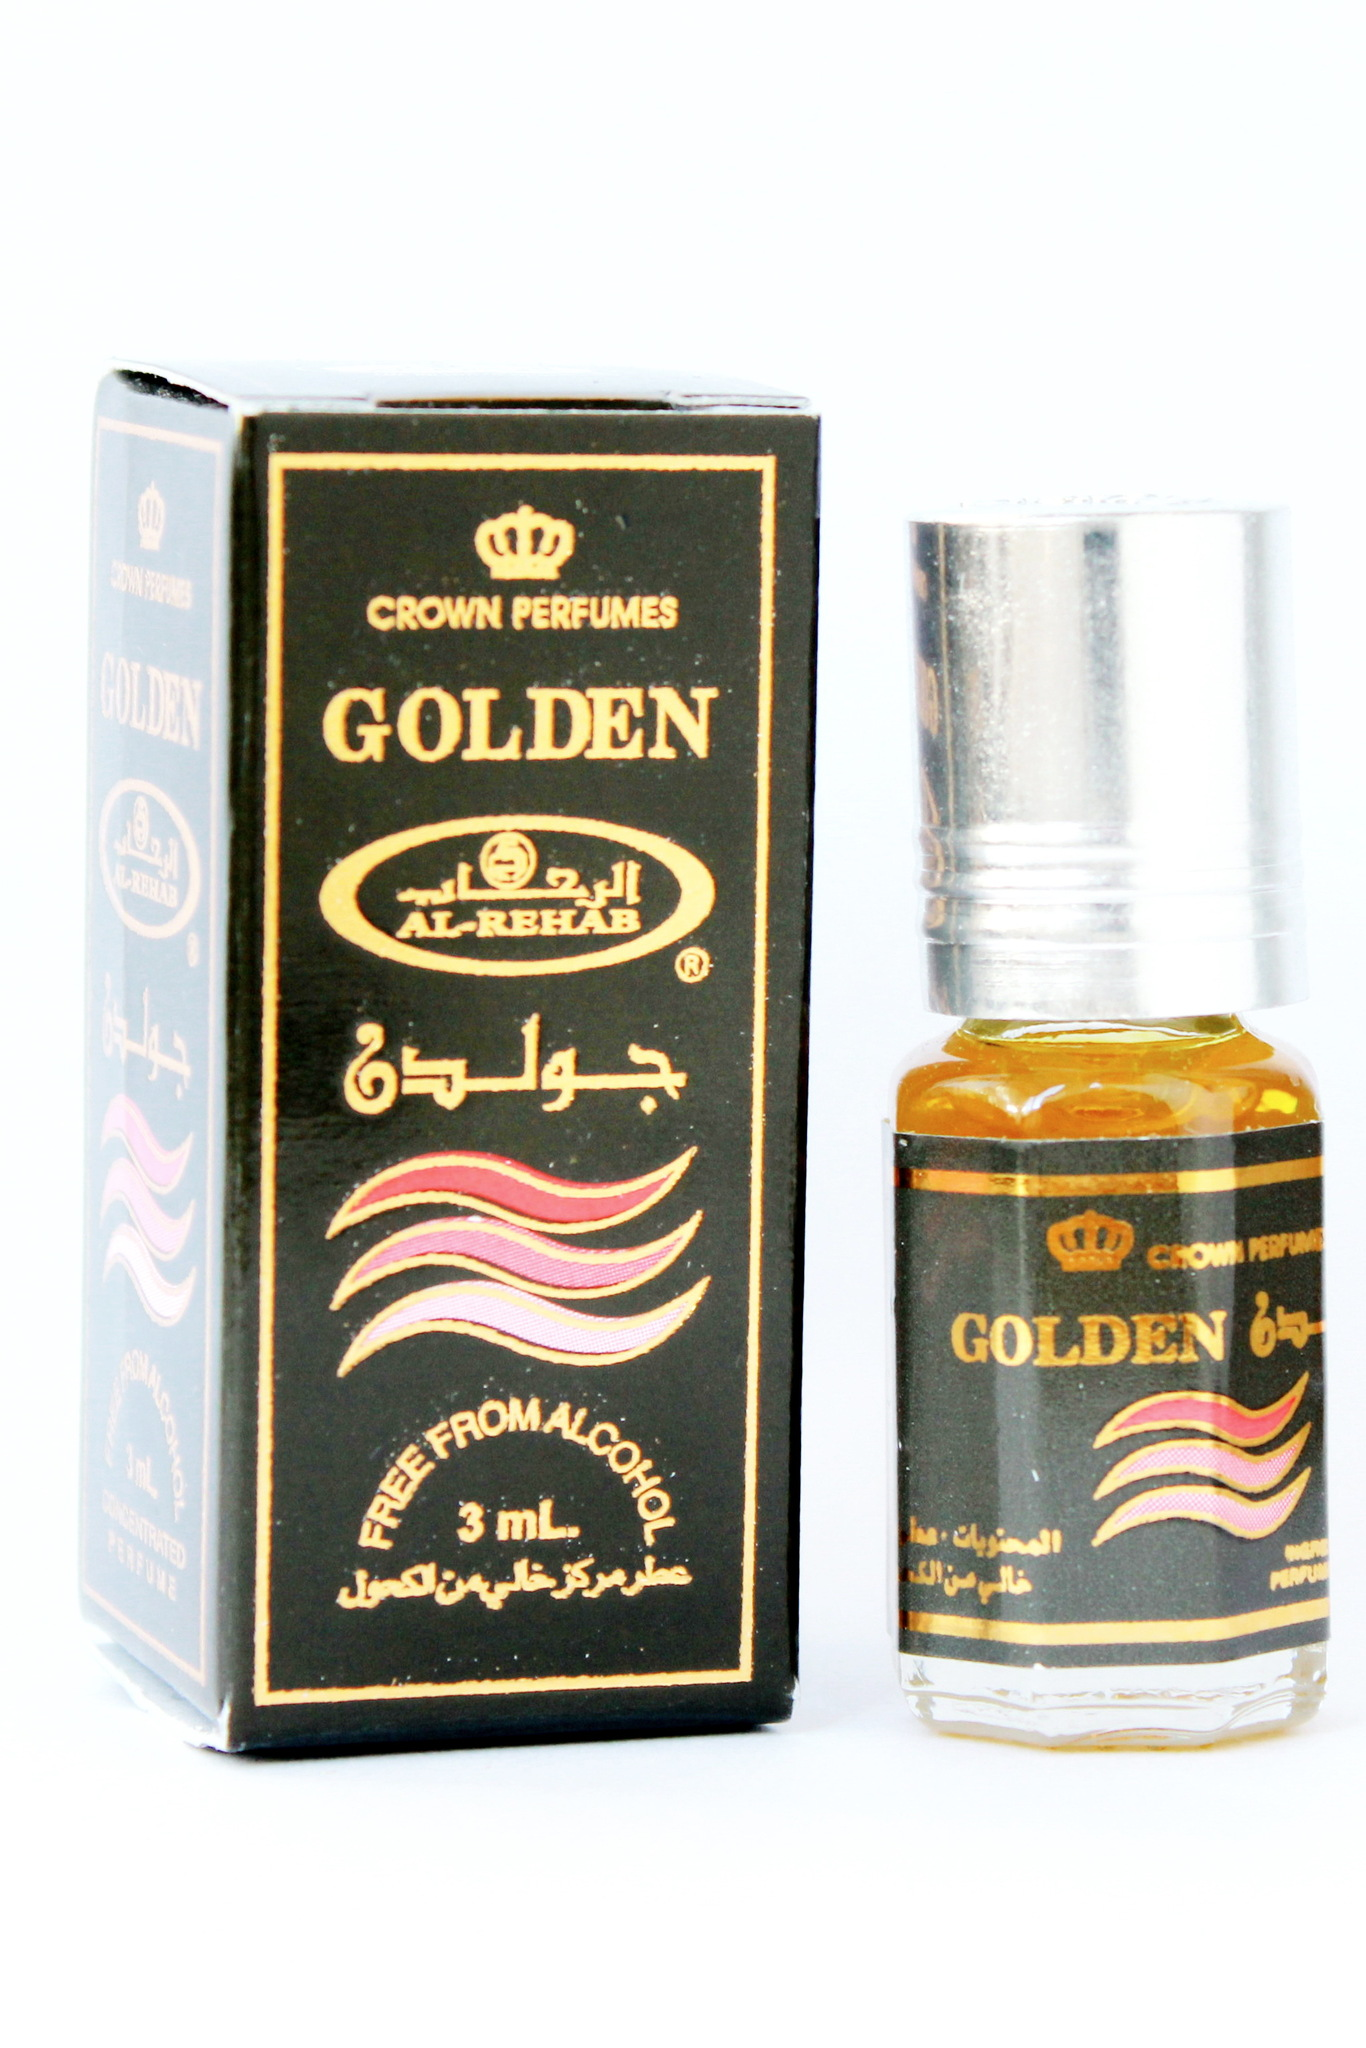 Golden Золотой 3 мл арабские мужские мужские масляные духи от Аль Рехаб Al Rehab